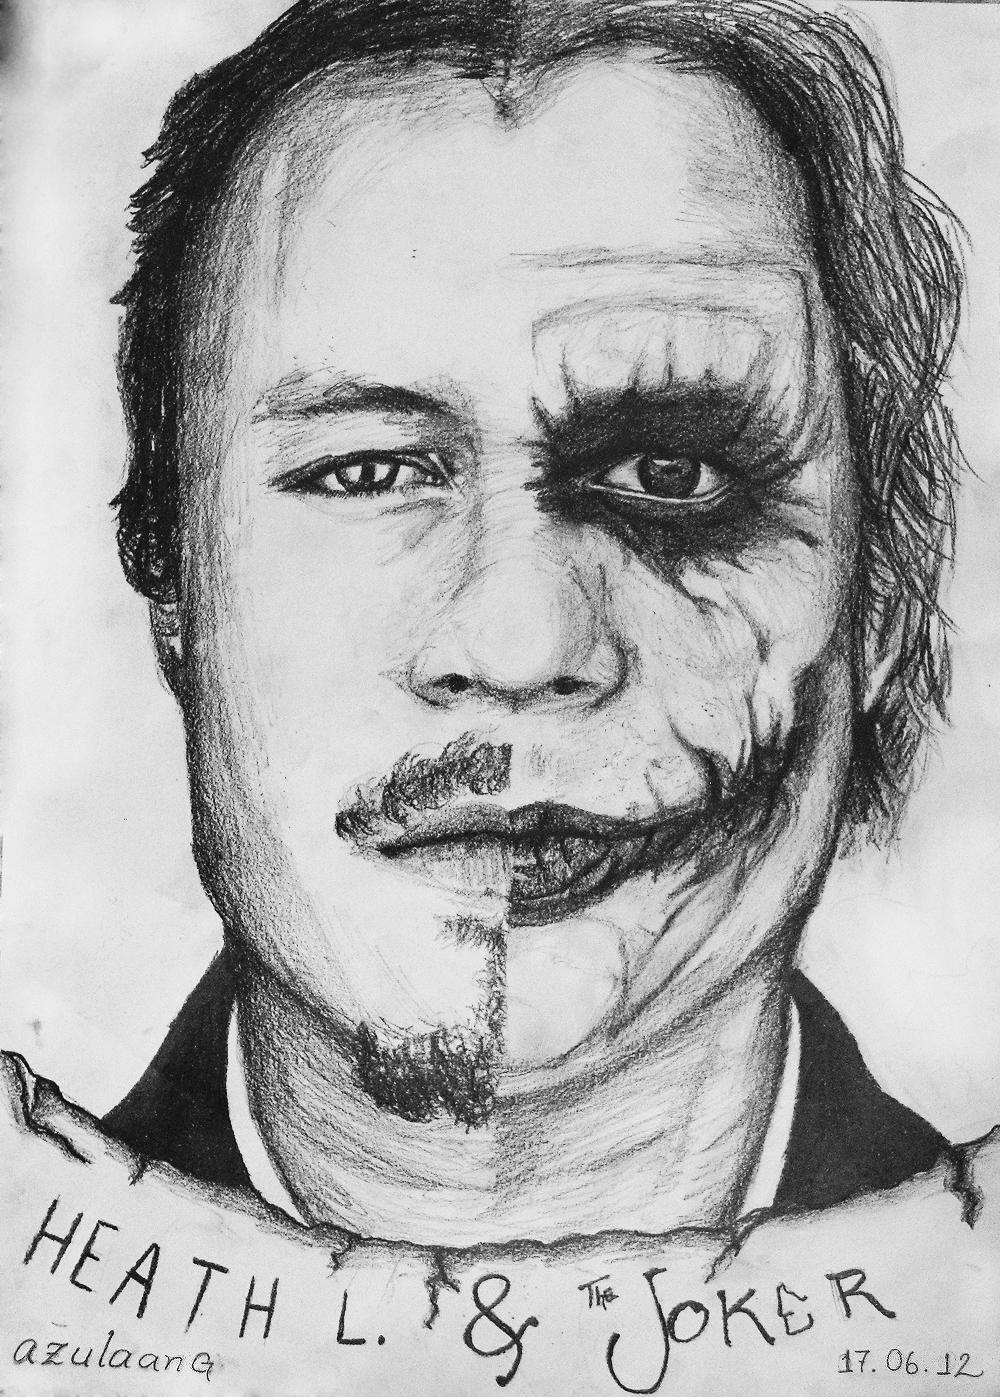 Xoloitzcuintli Fc Heath Ledger - The Jok...